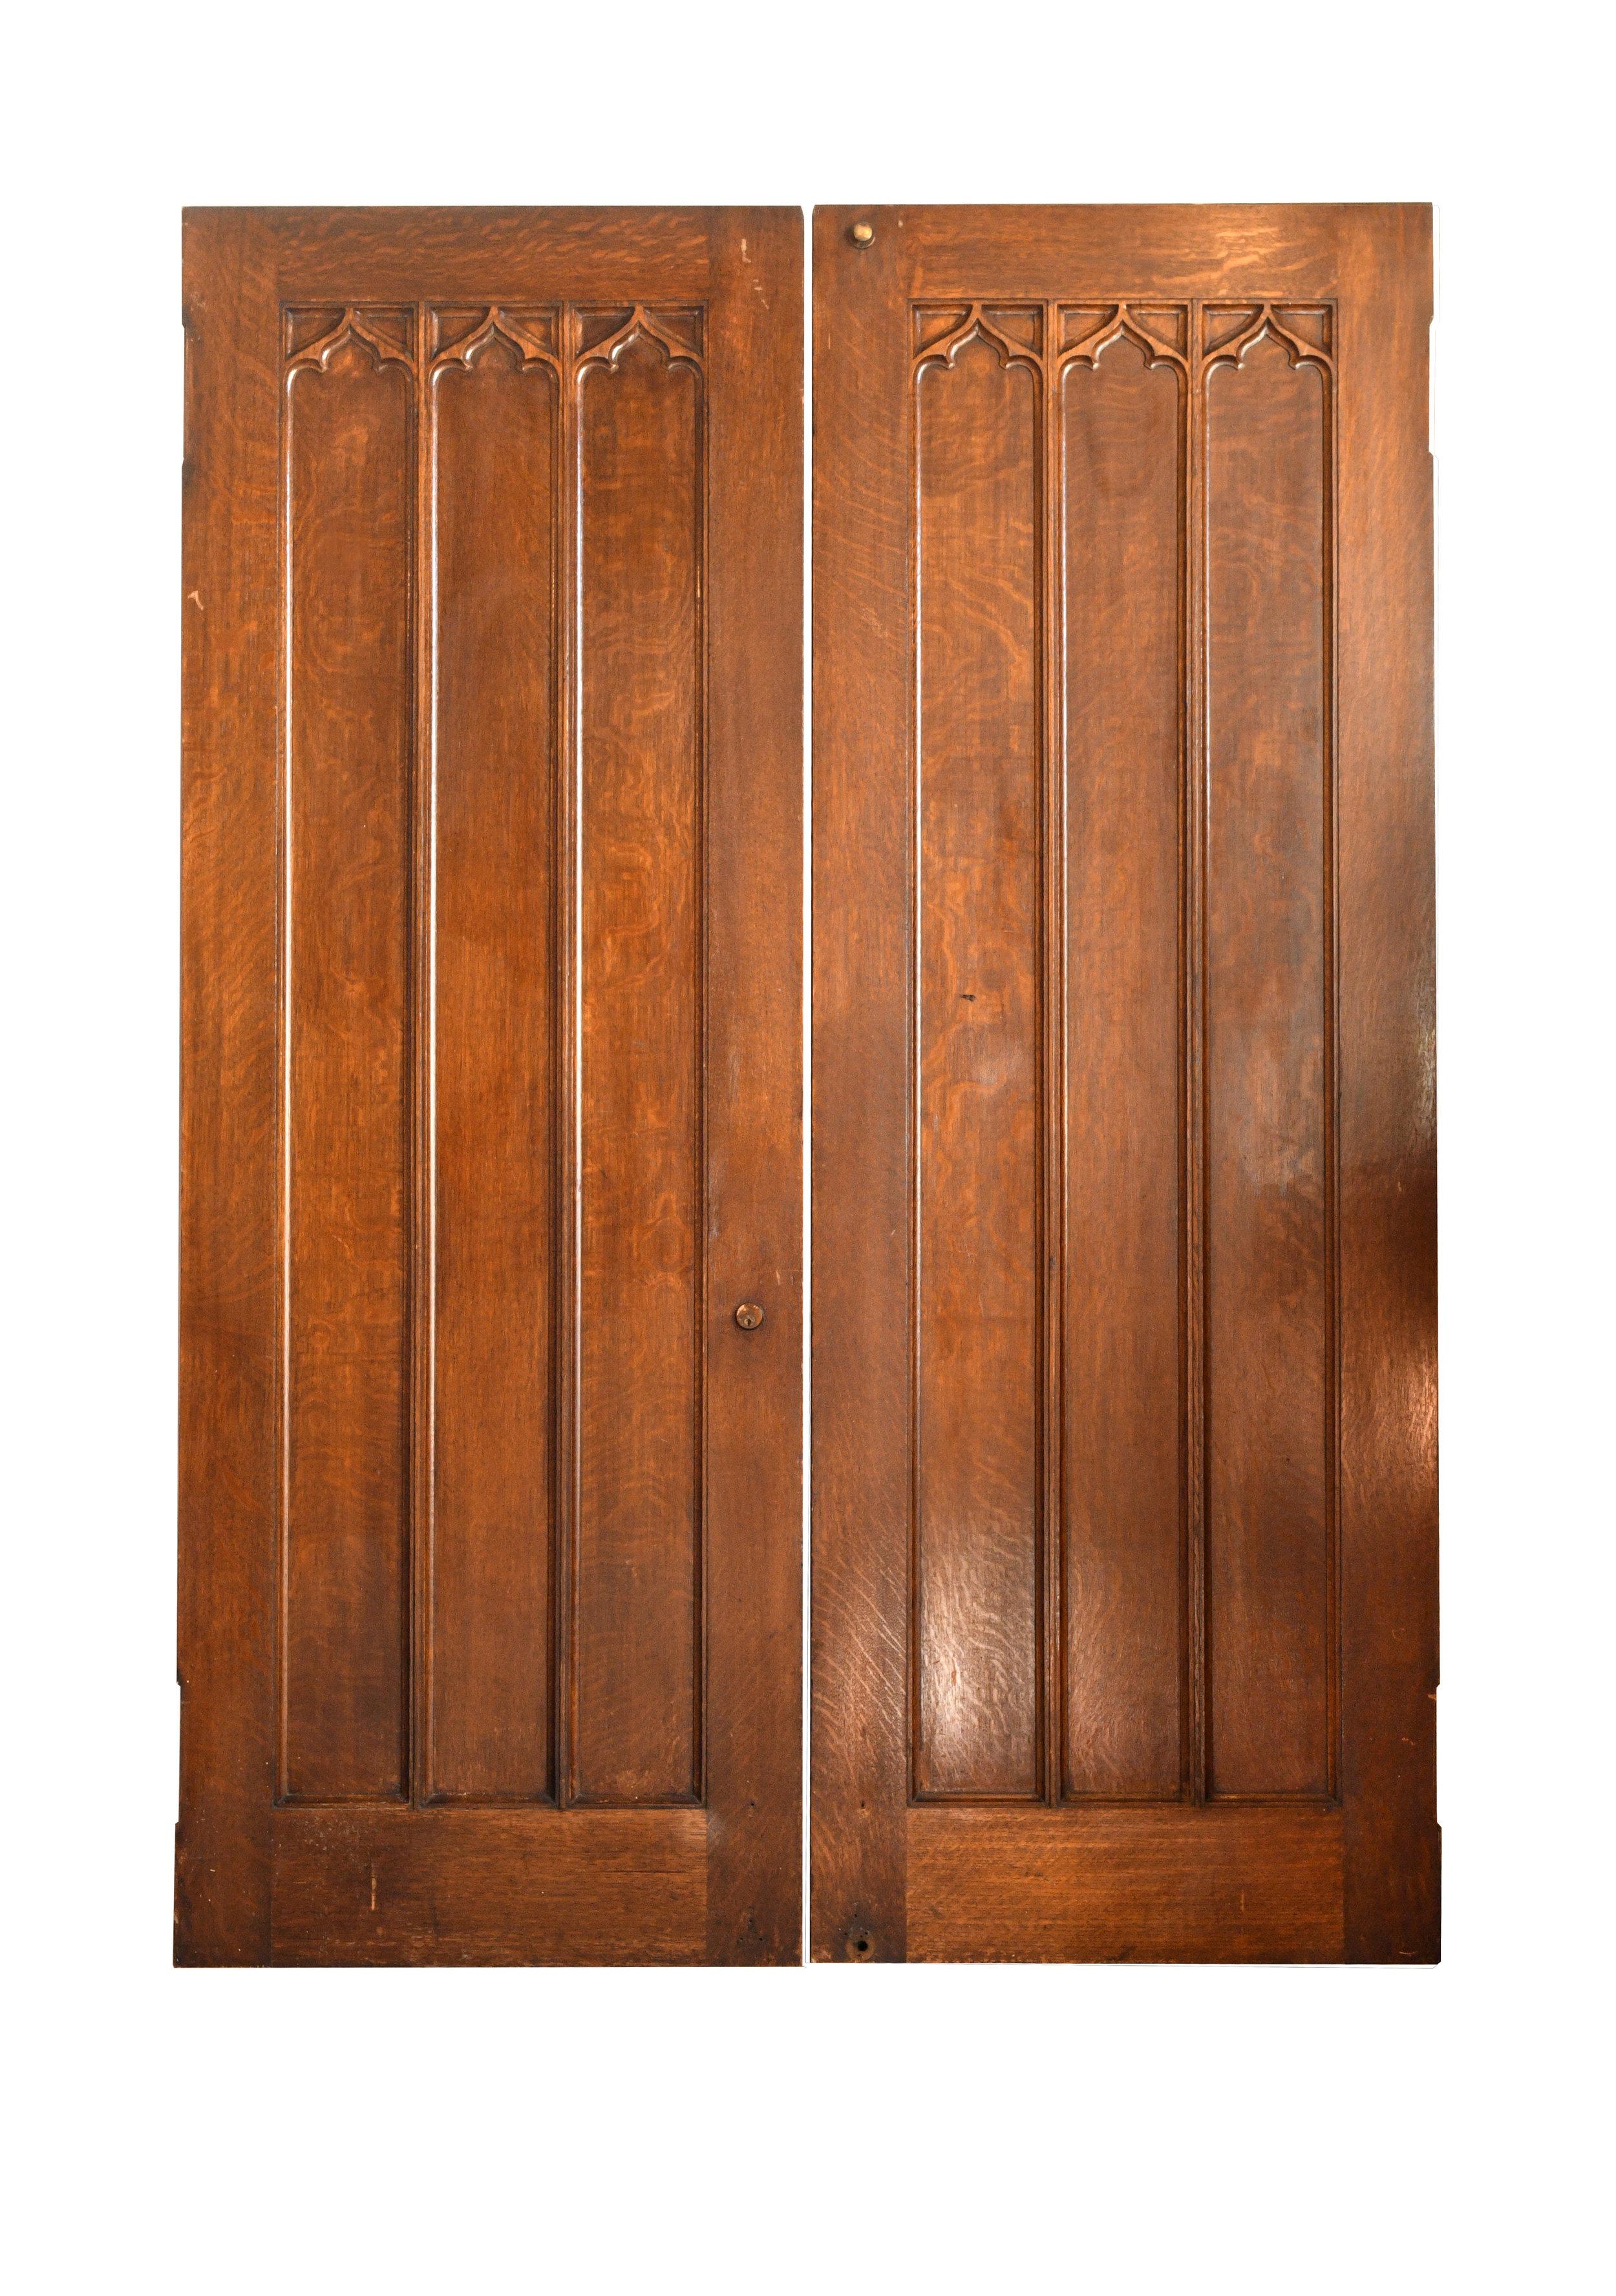 tall oak swinging double doors